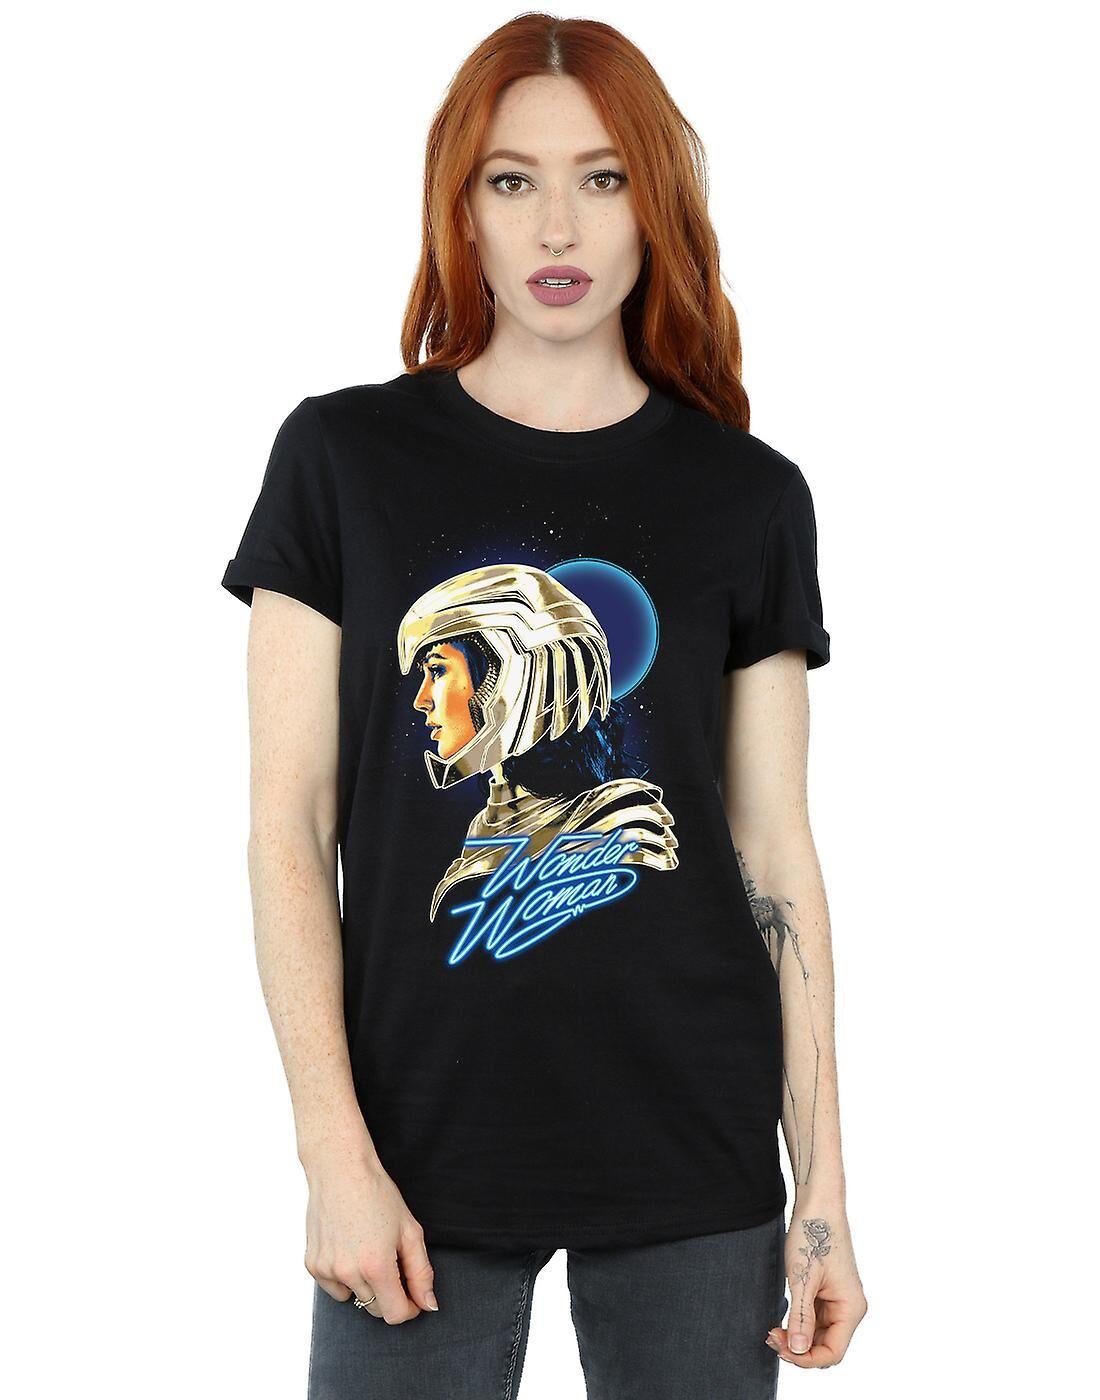 Absolute Cult DC Comics Femmes-apos;s Wonder Woman 84 Rétro Gold Helmet Boyfriend Fit T-Shirt Blanc Large